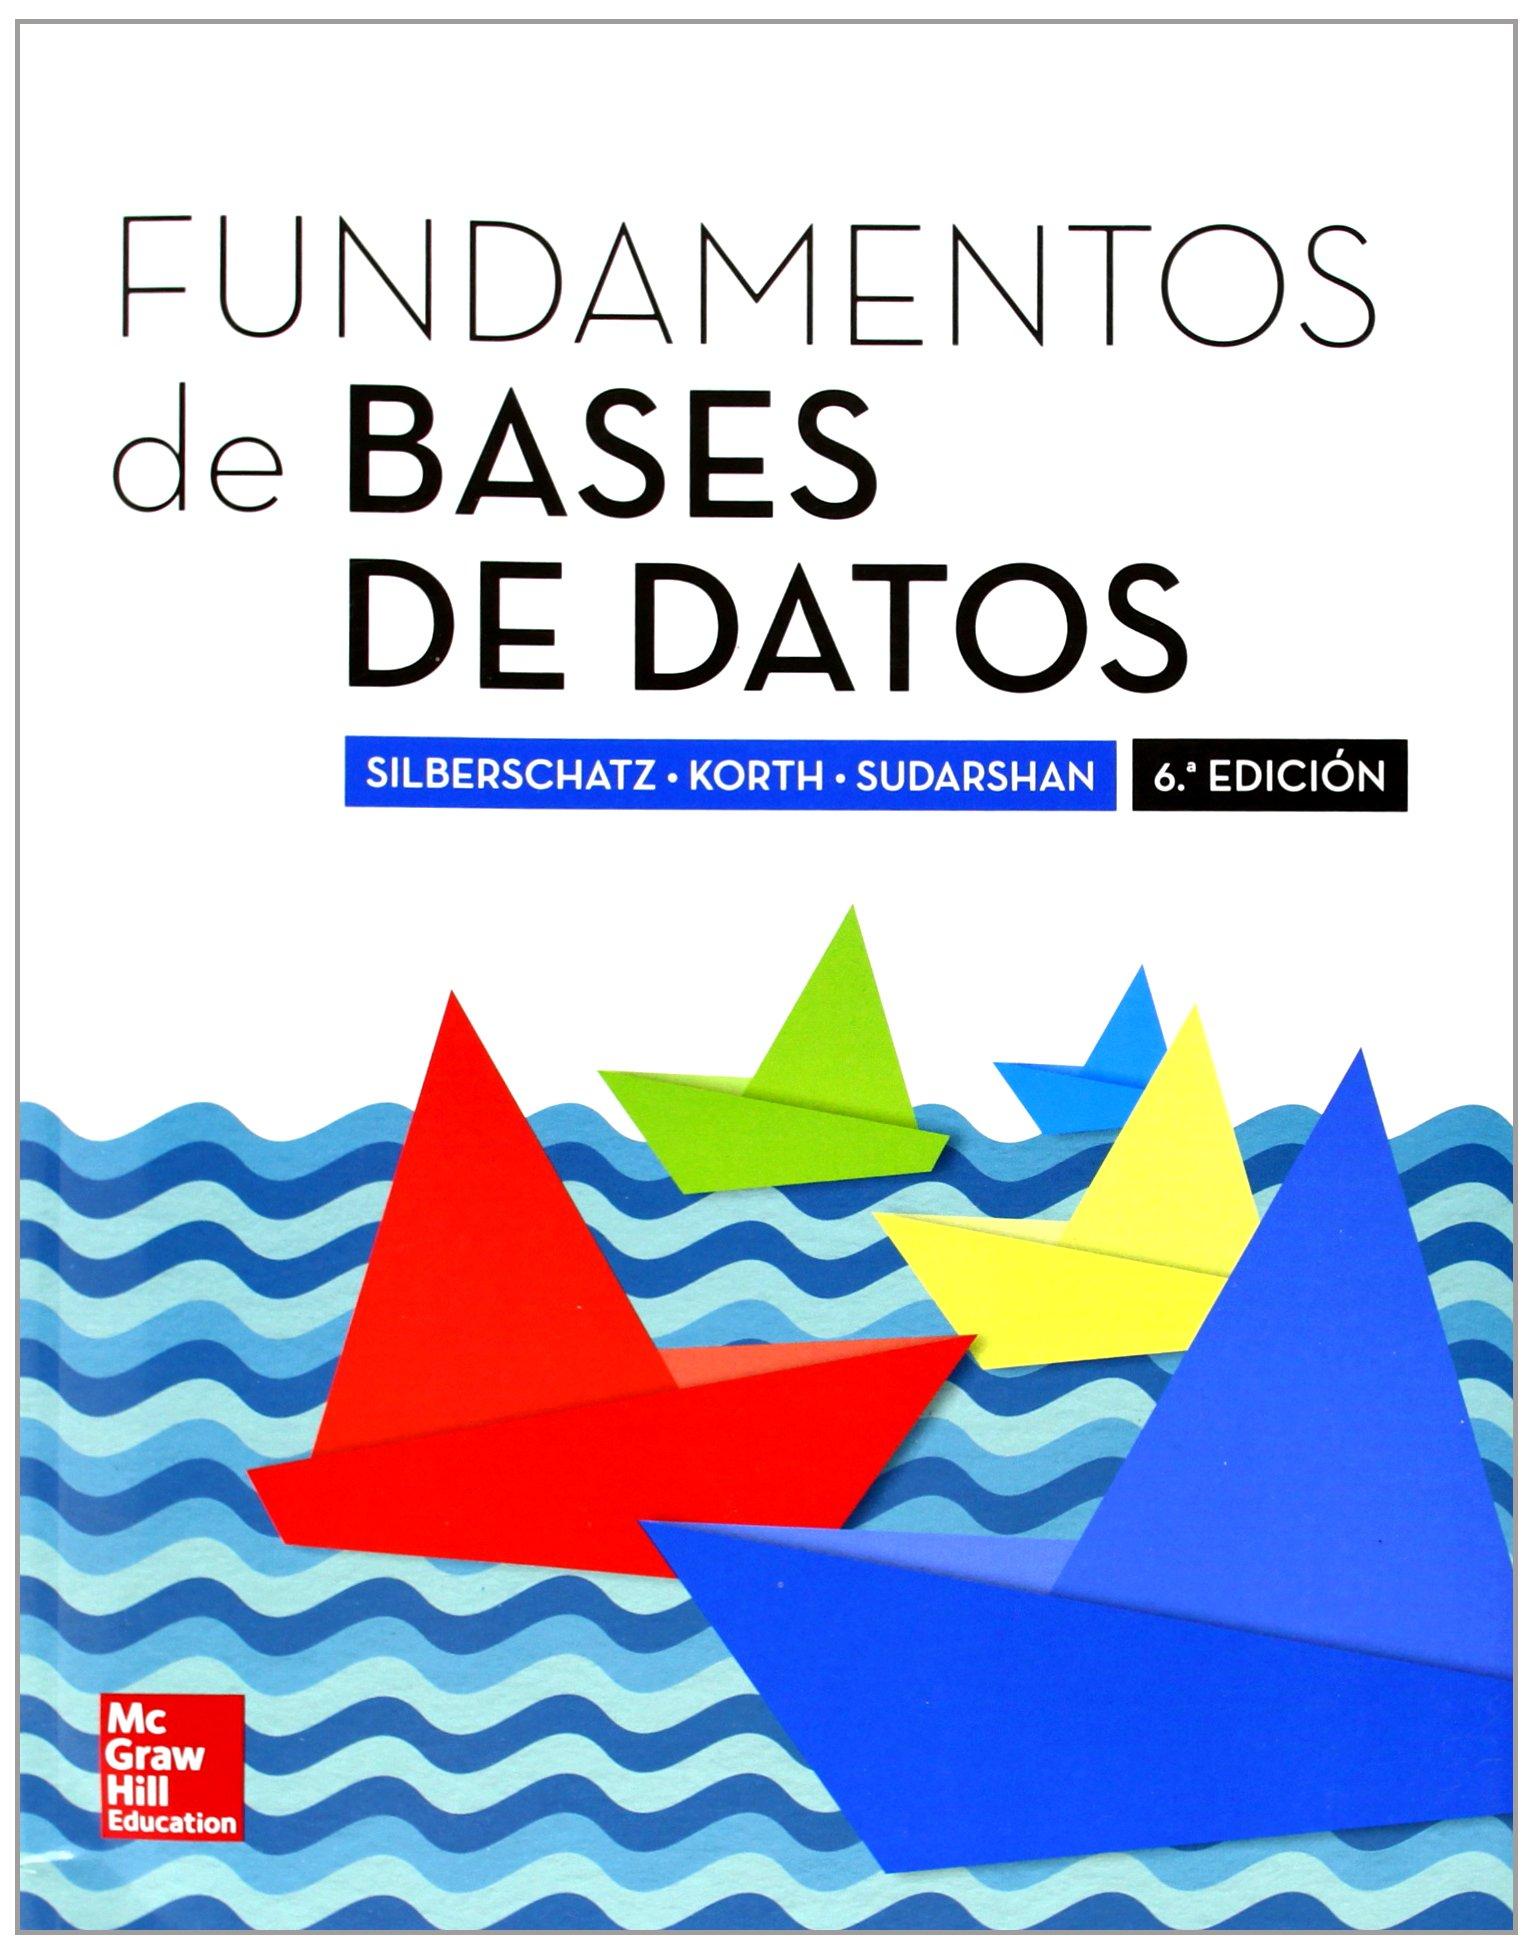 ISC 4Y Fundamentos de Bases de Datos L-V 10-11